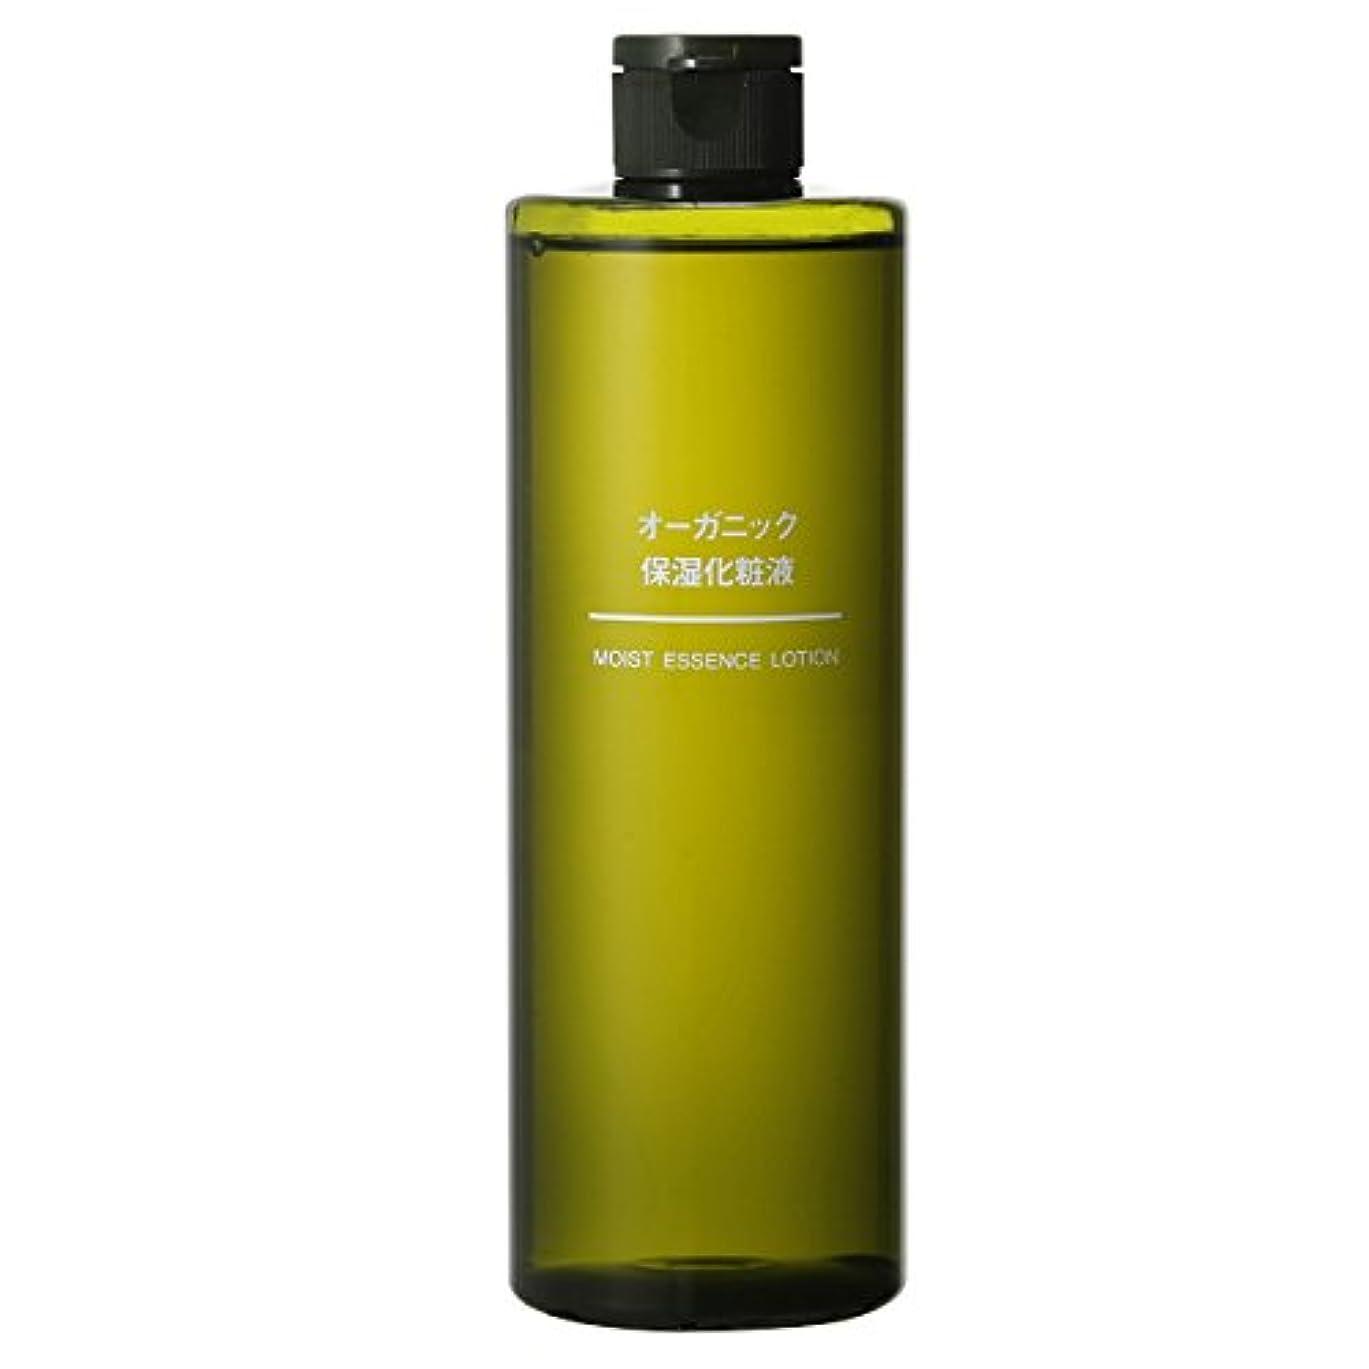 自治的ソーダ水ラダ無印良品 オーガニック保湿化粧液(大容量) 400ml